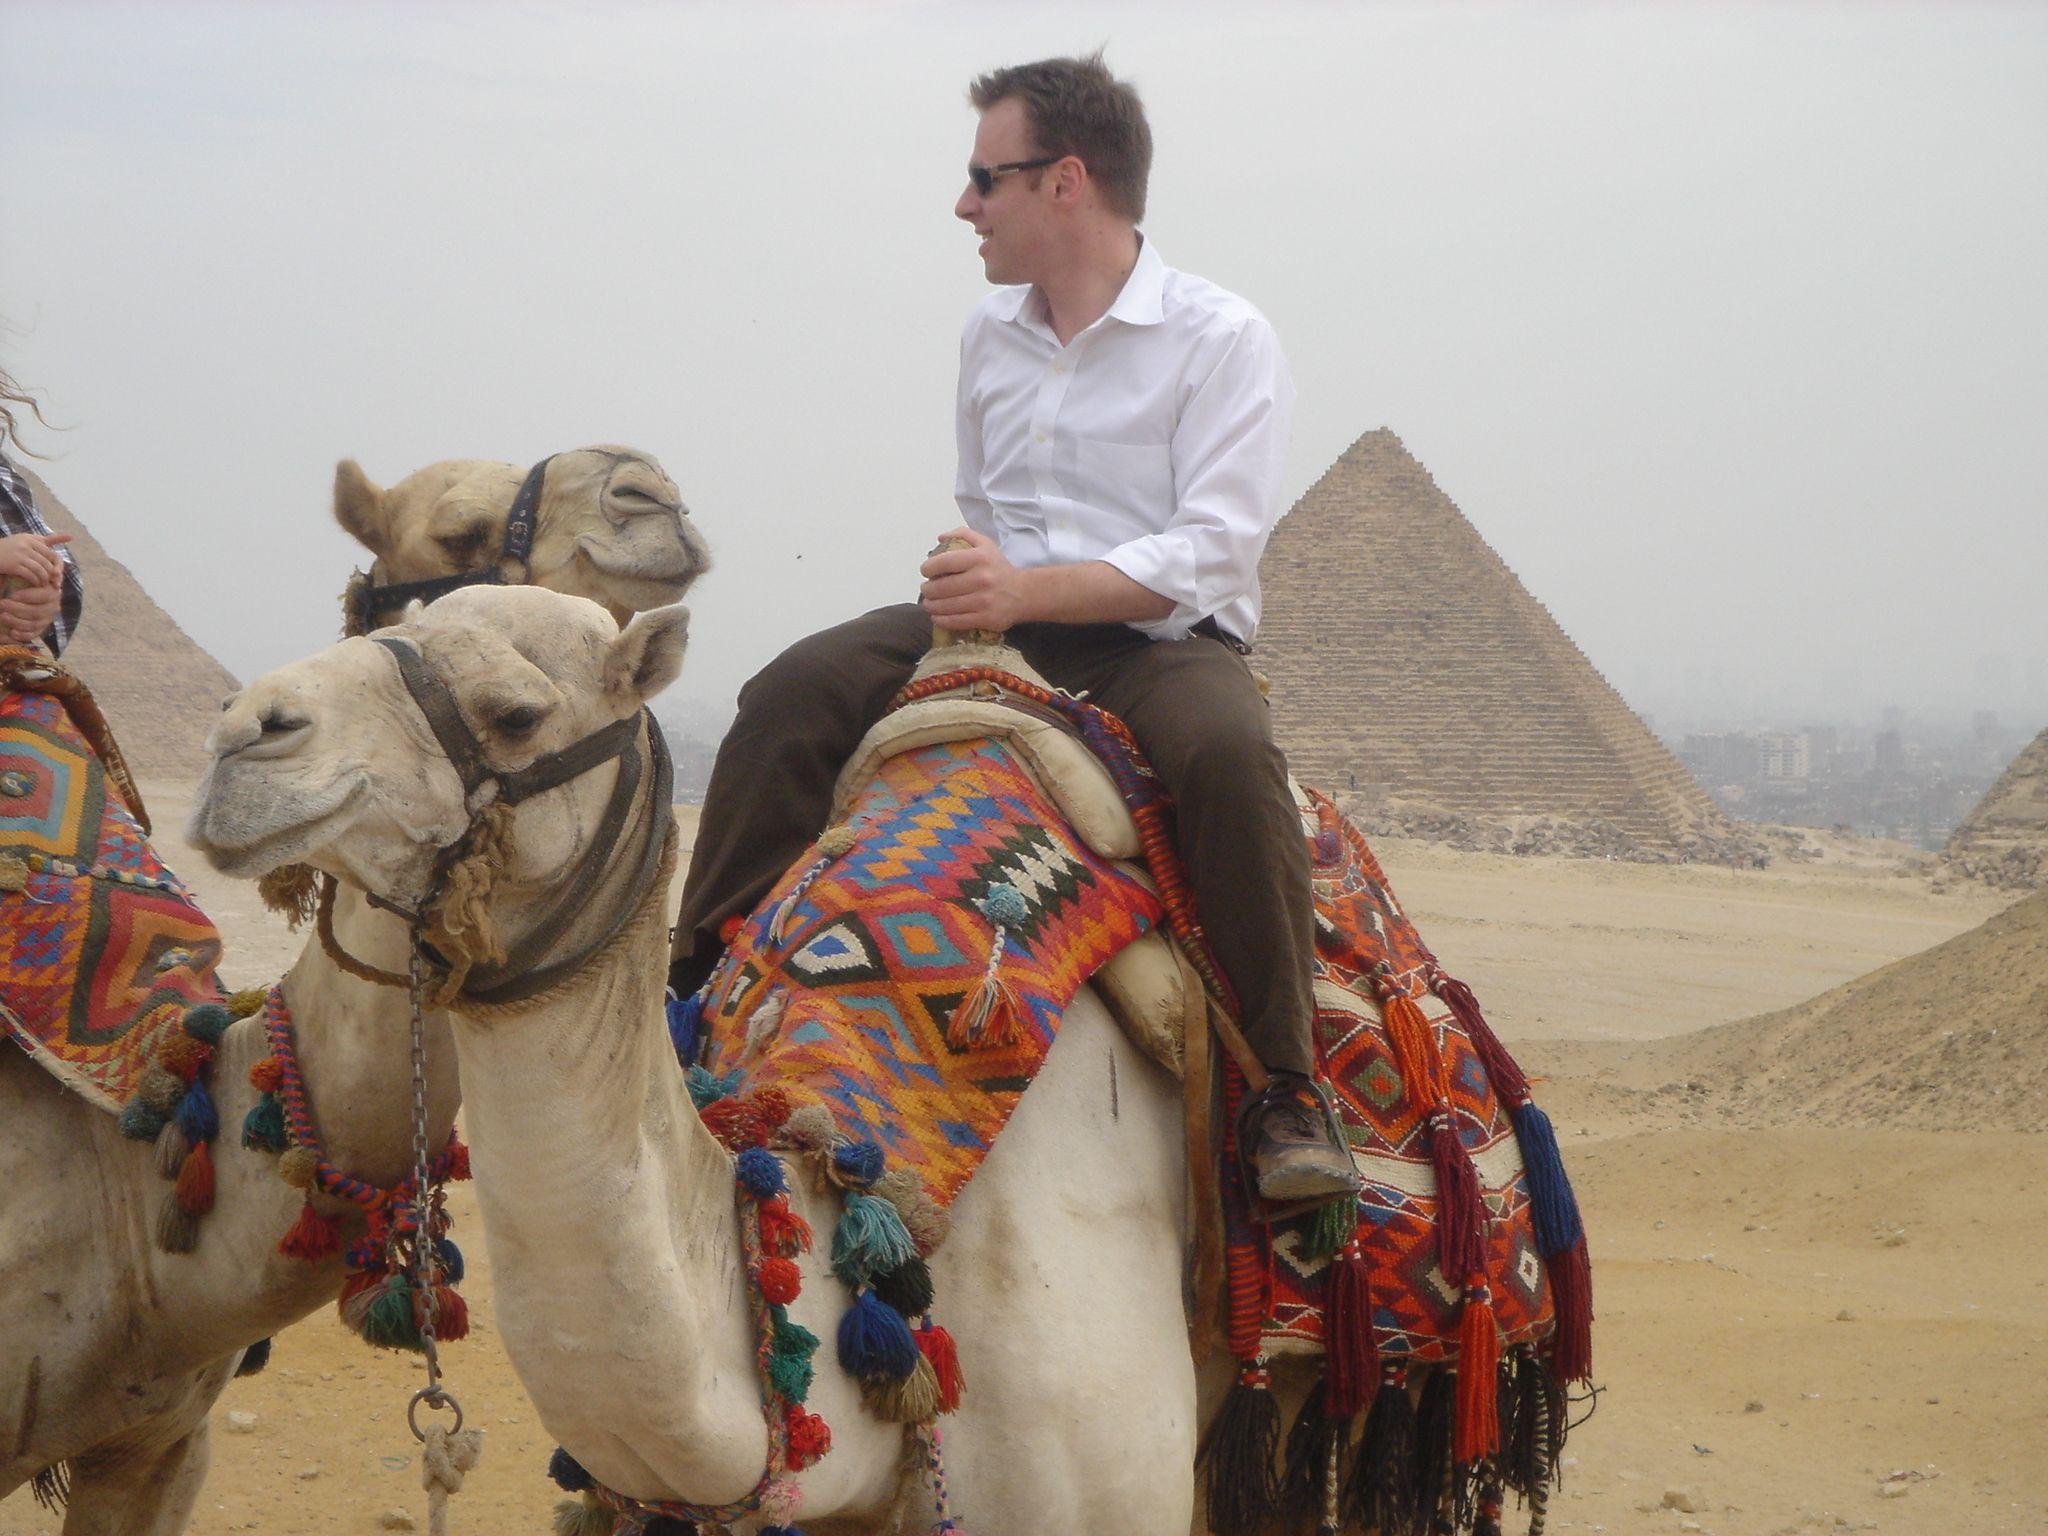 2010-12-09-camels.jpg